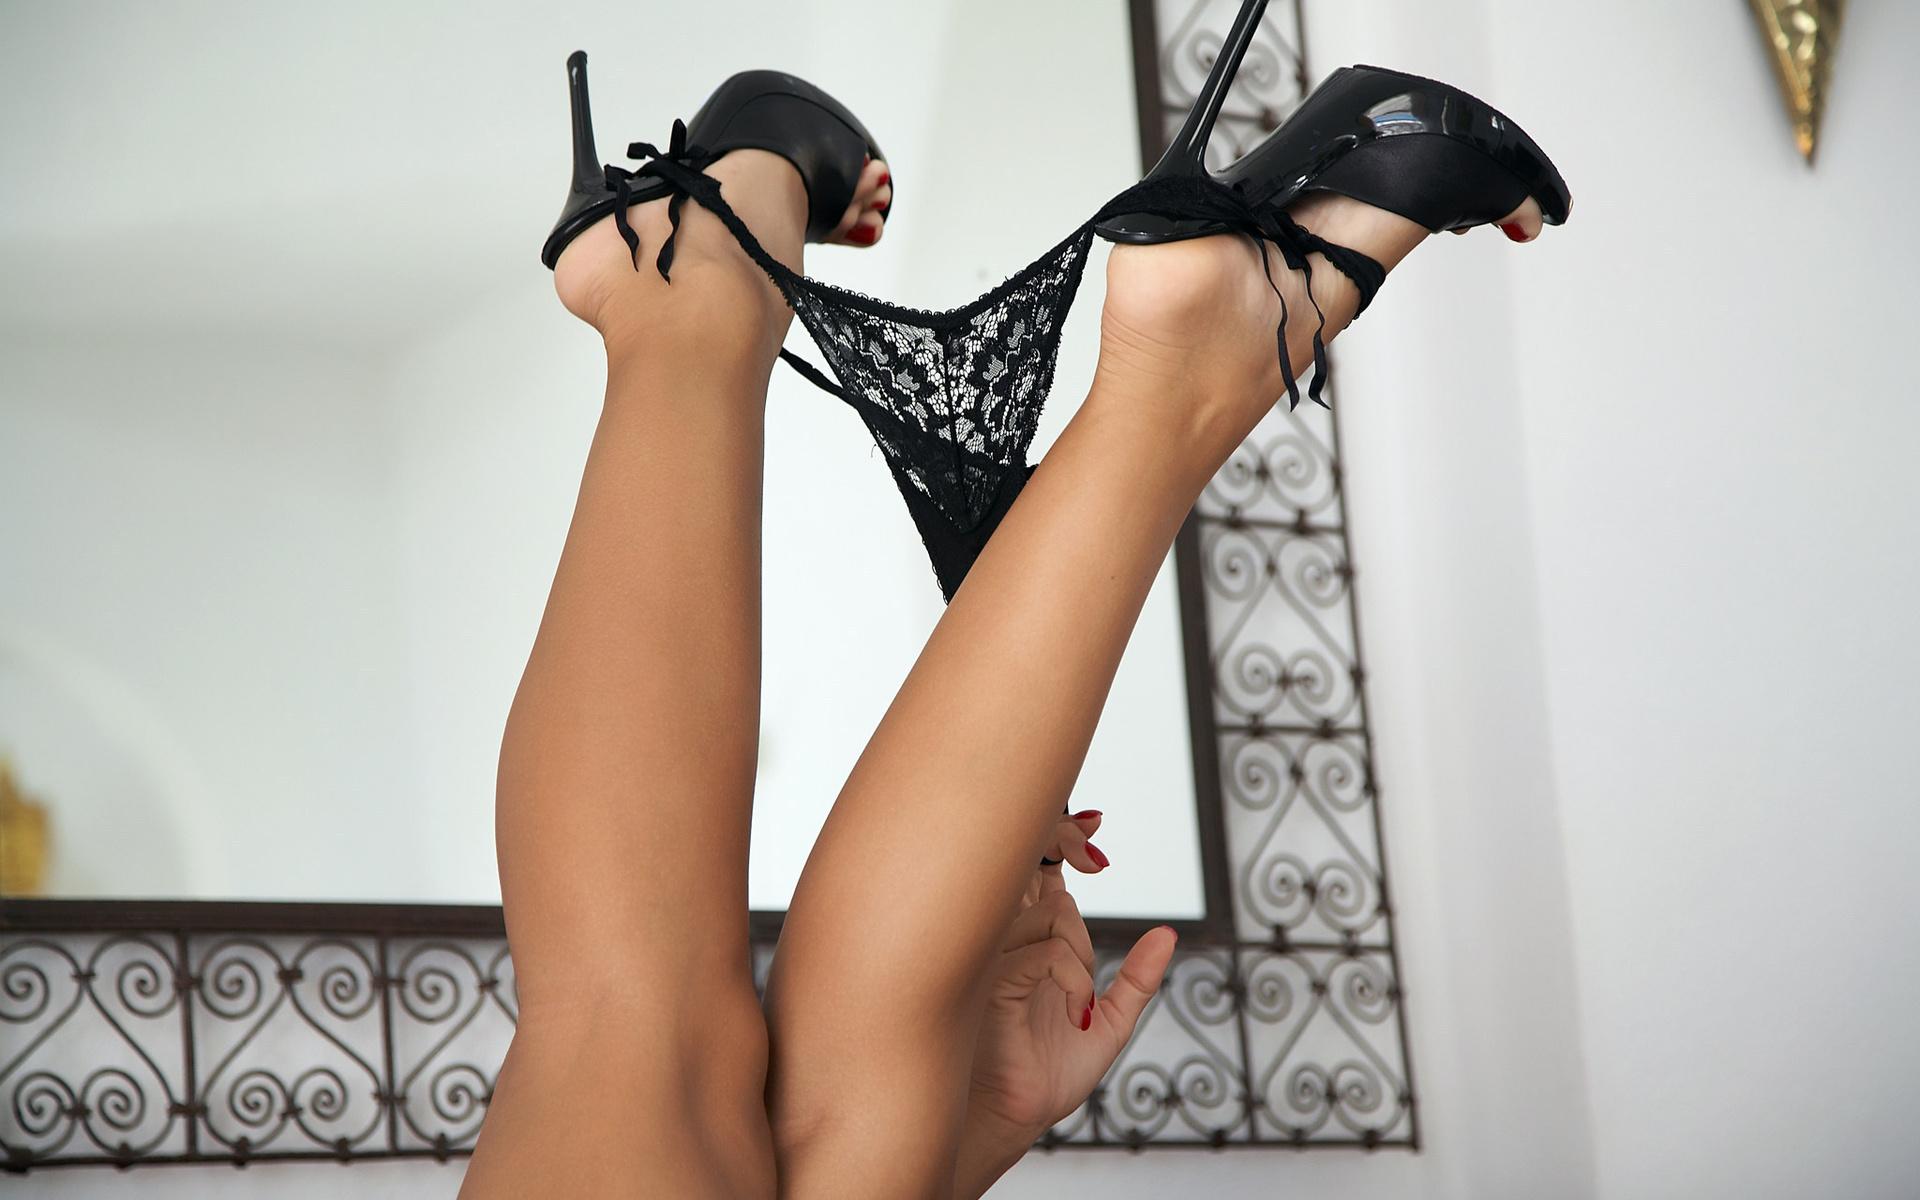 Ноги фетиш обои, бабы голые и в стрингах фото